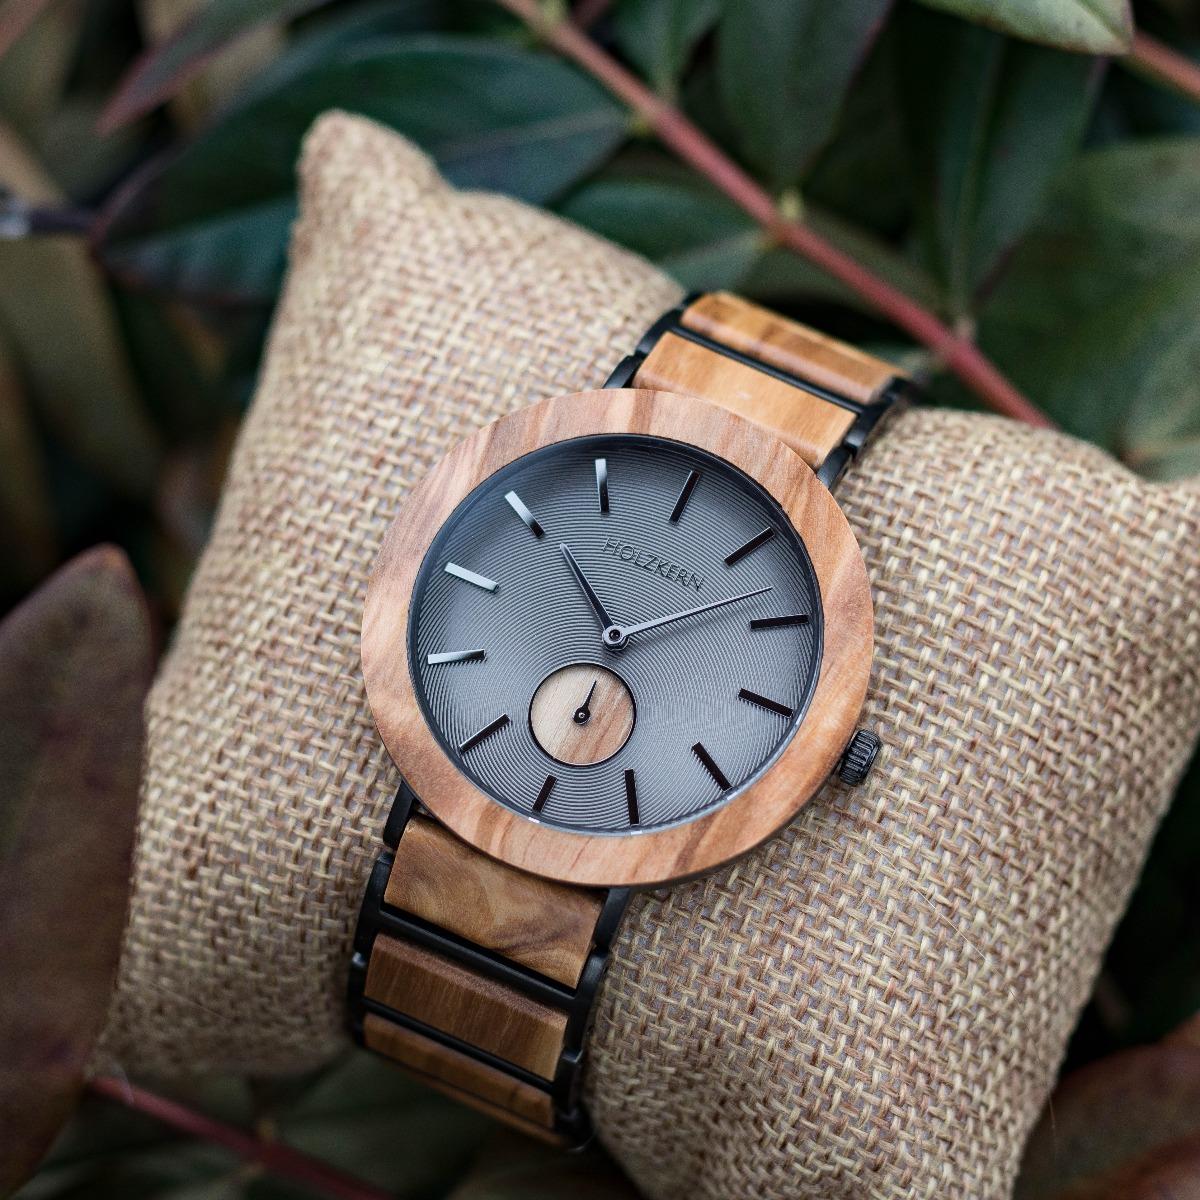 Holzuhr Gobi des Herstellers Holzkern auf einem Uhrenpolster umgeben von Blättern